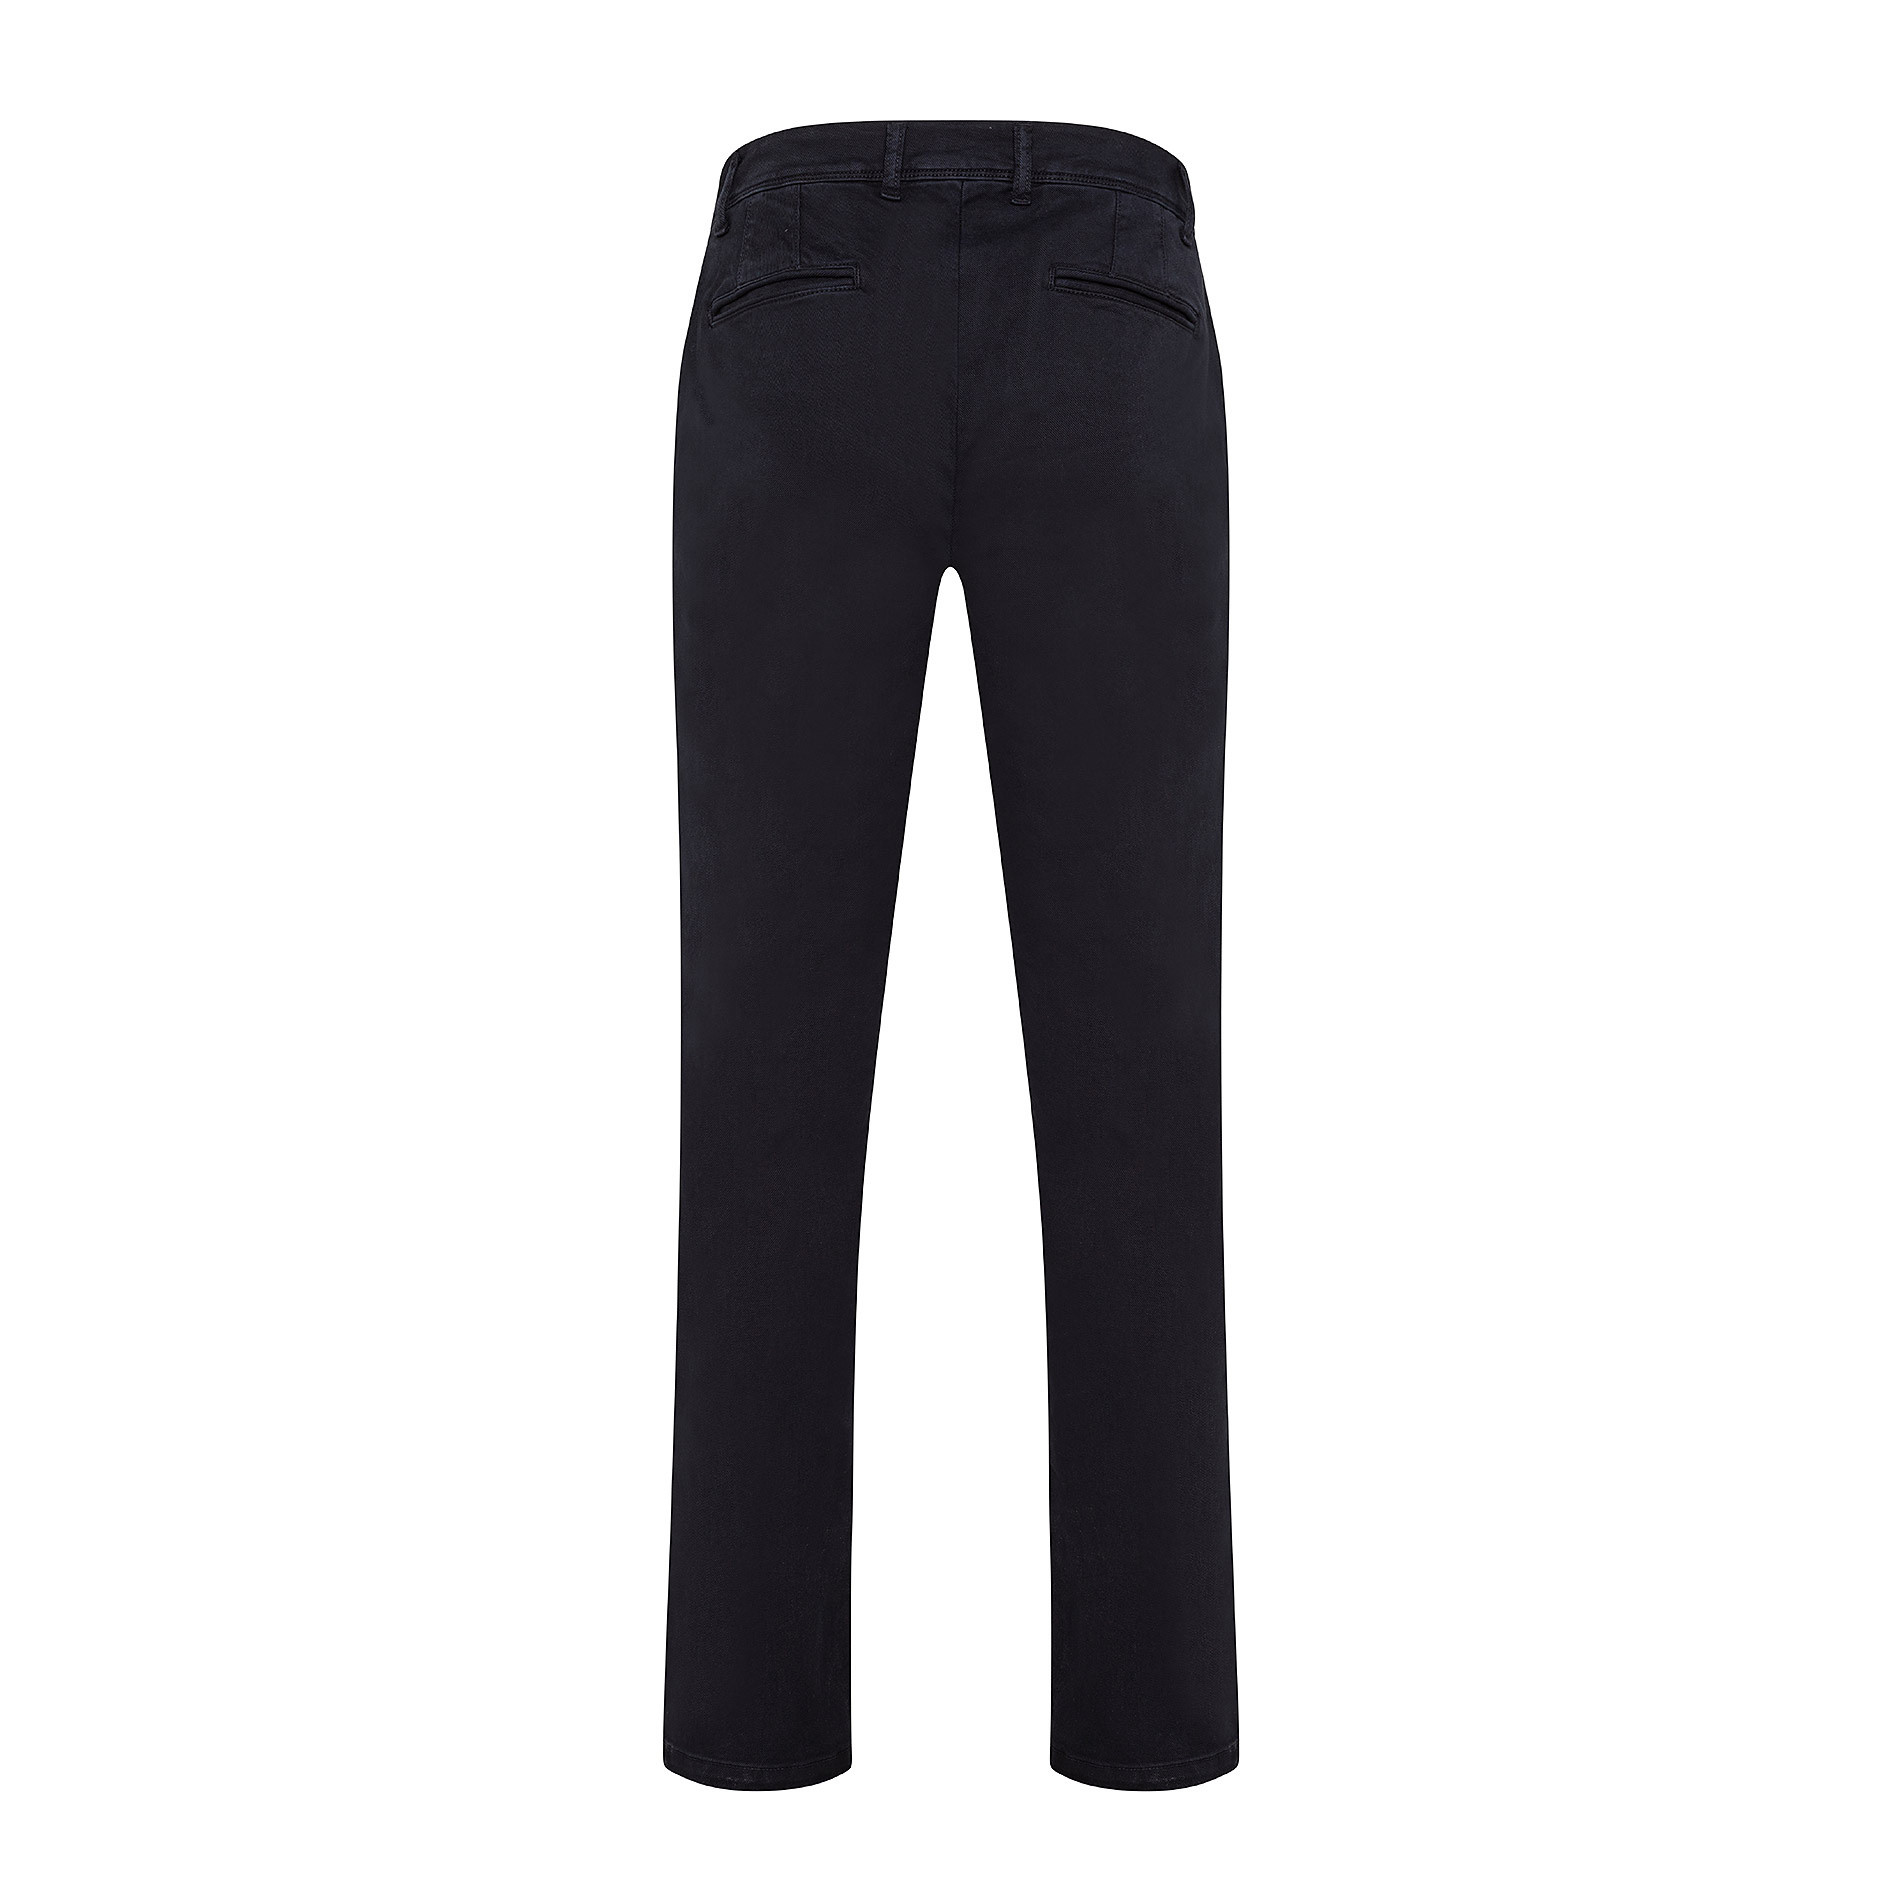 Pantalone chino gabardina stretch JCT, Blu, large image number 1